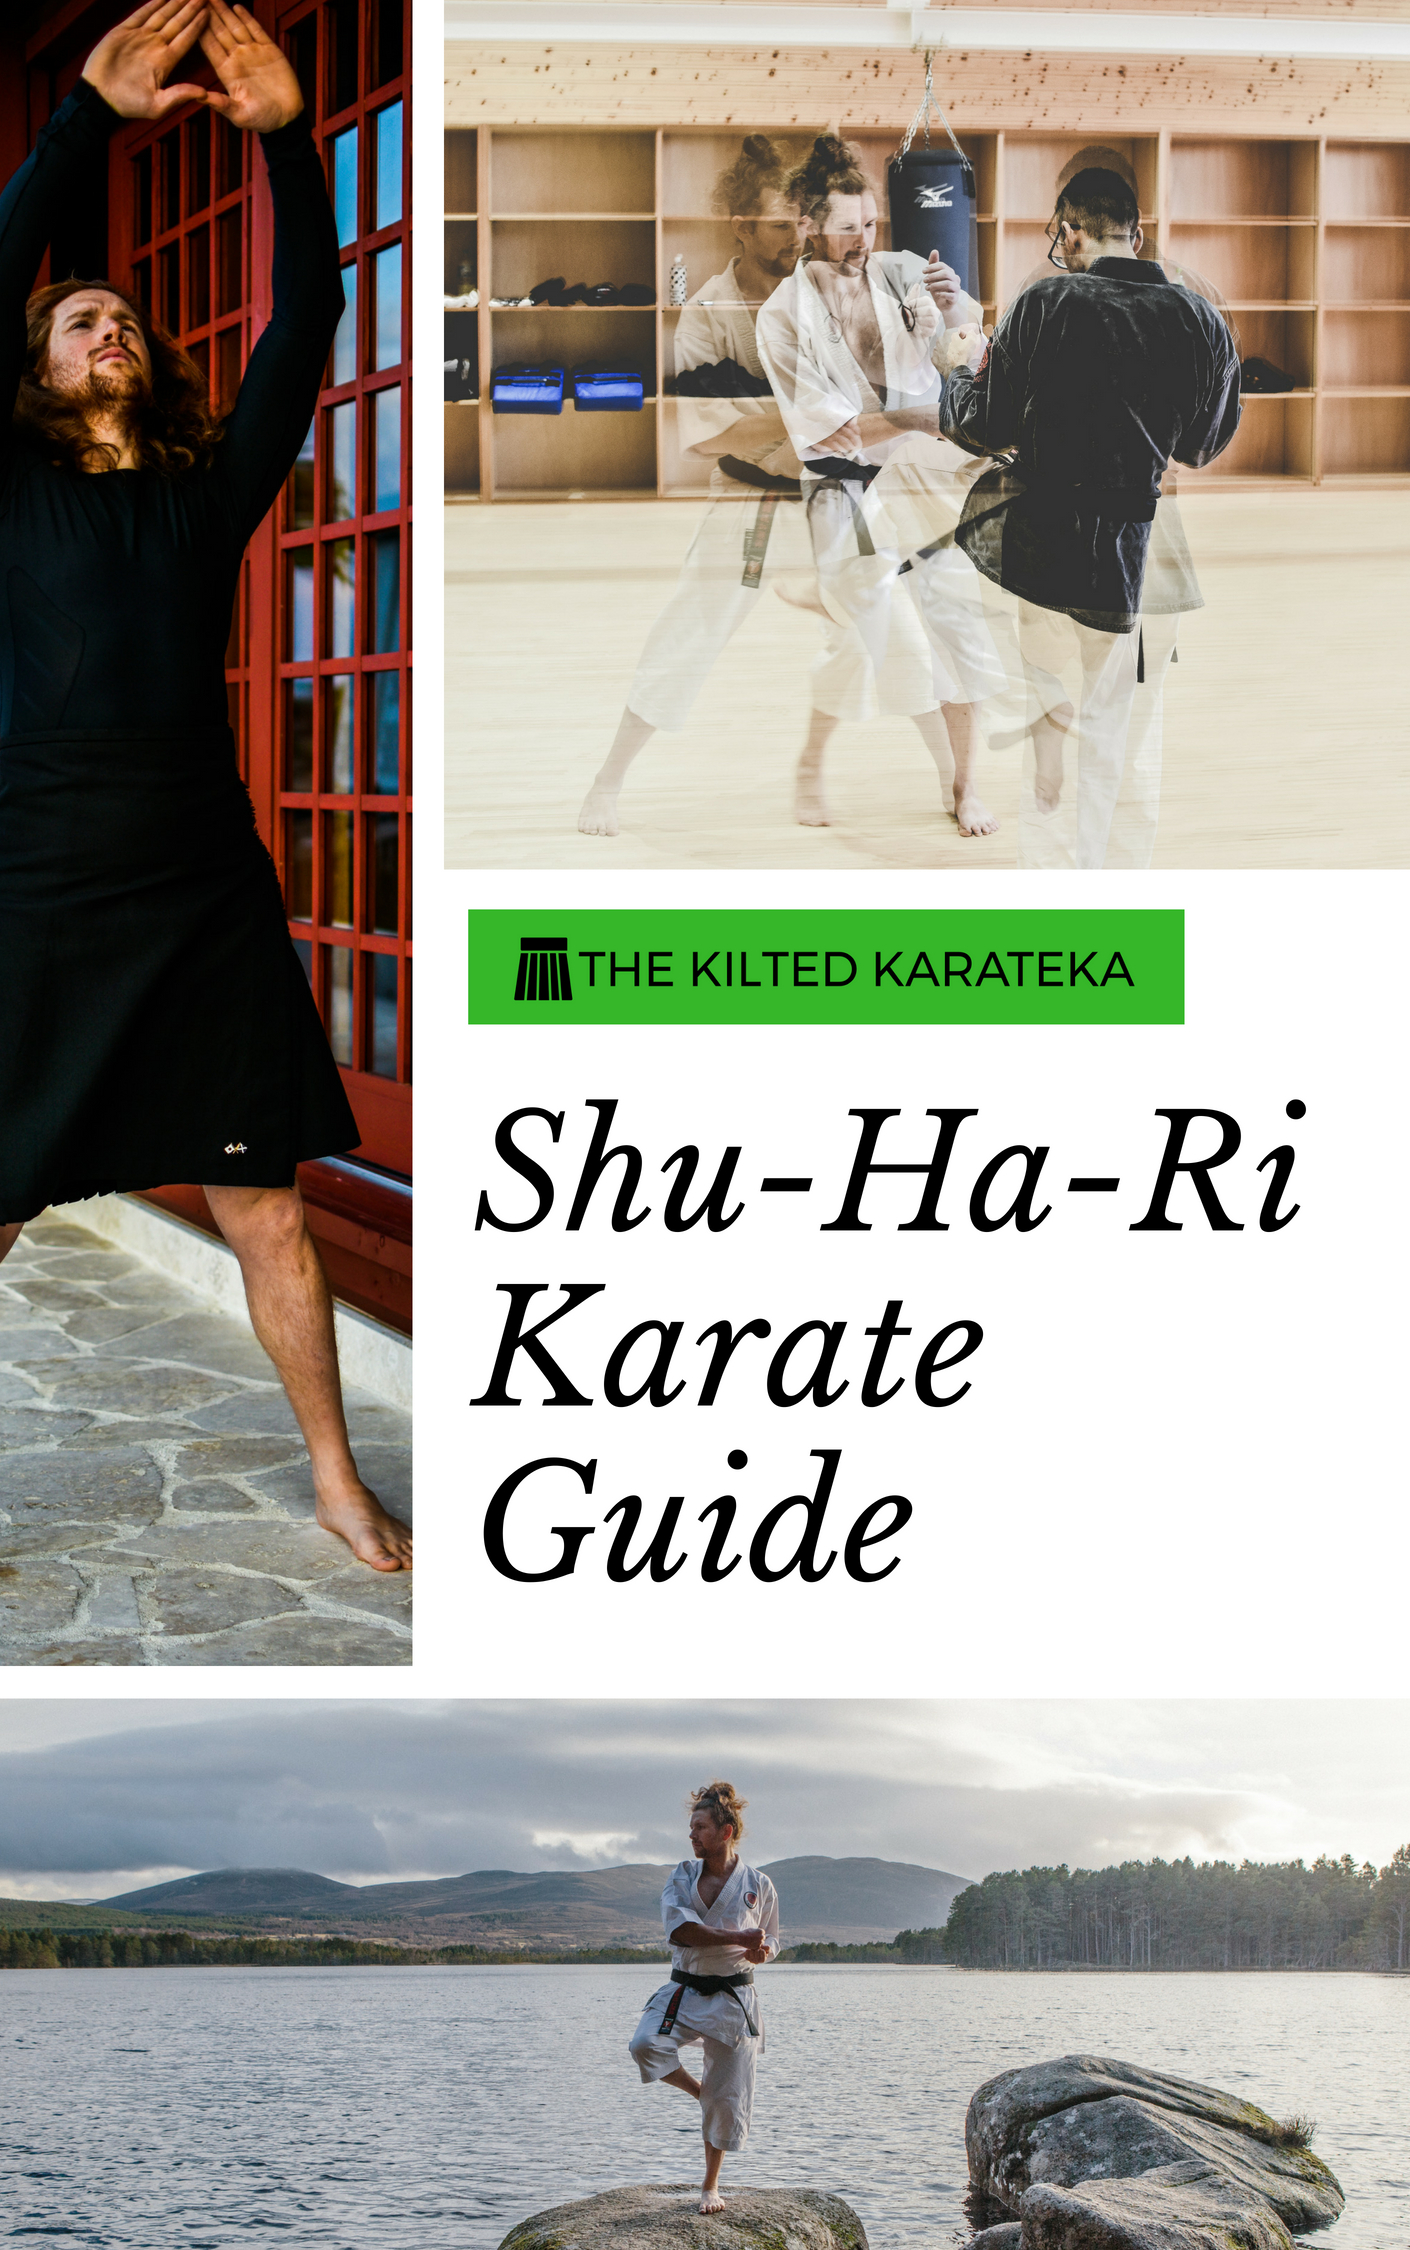 Shu-Ha-Ri Karate Guide.jpg